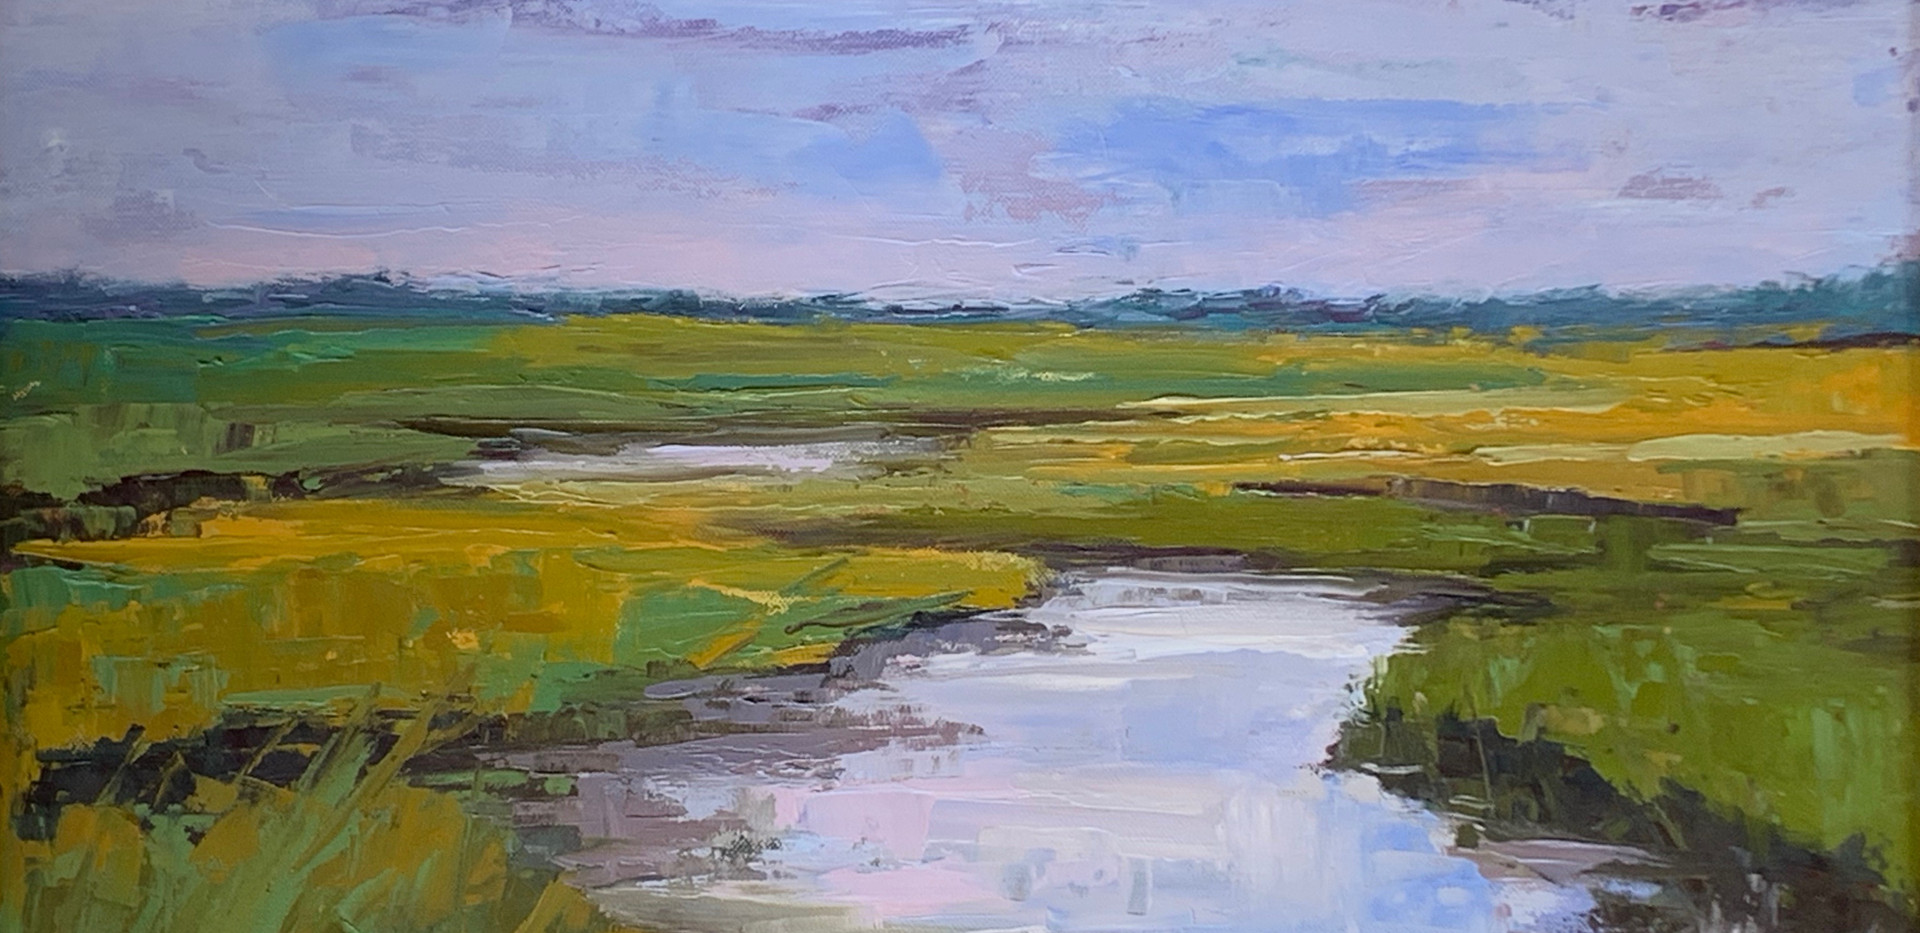 OBX Marsh